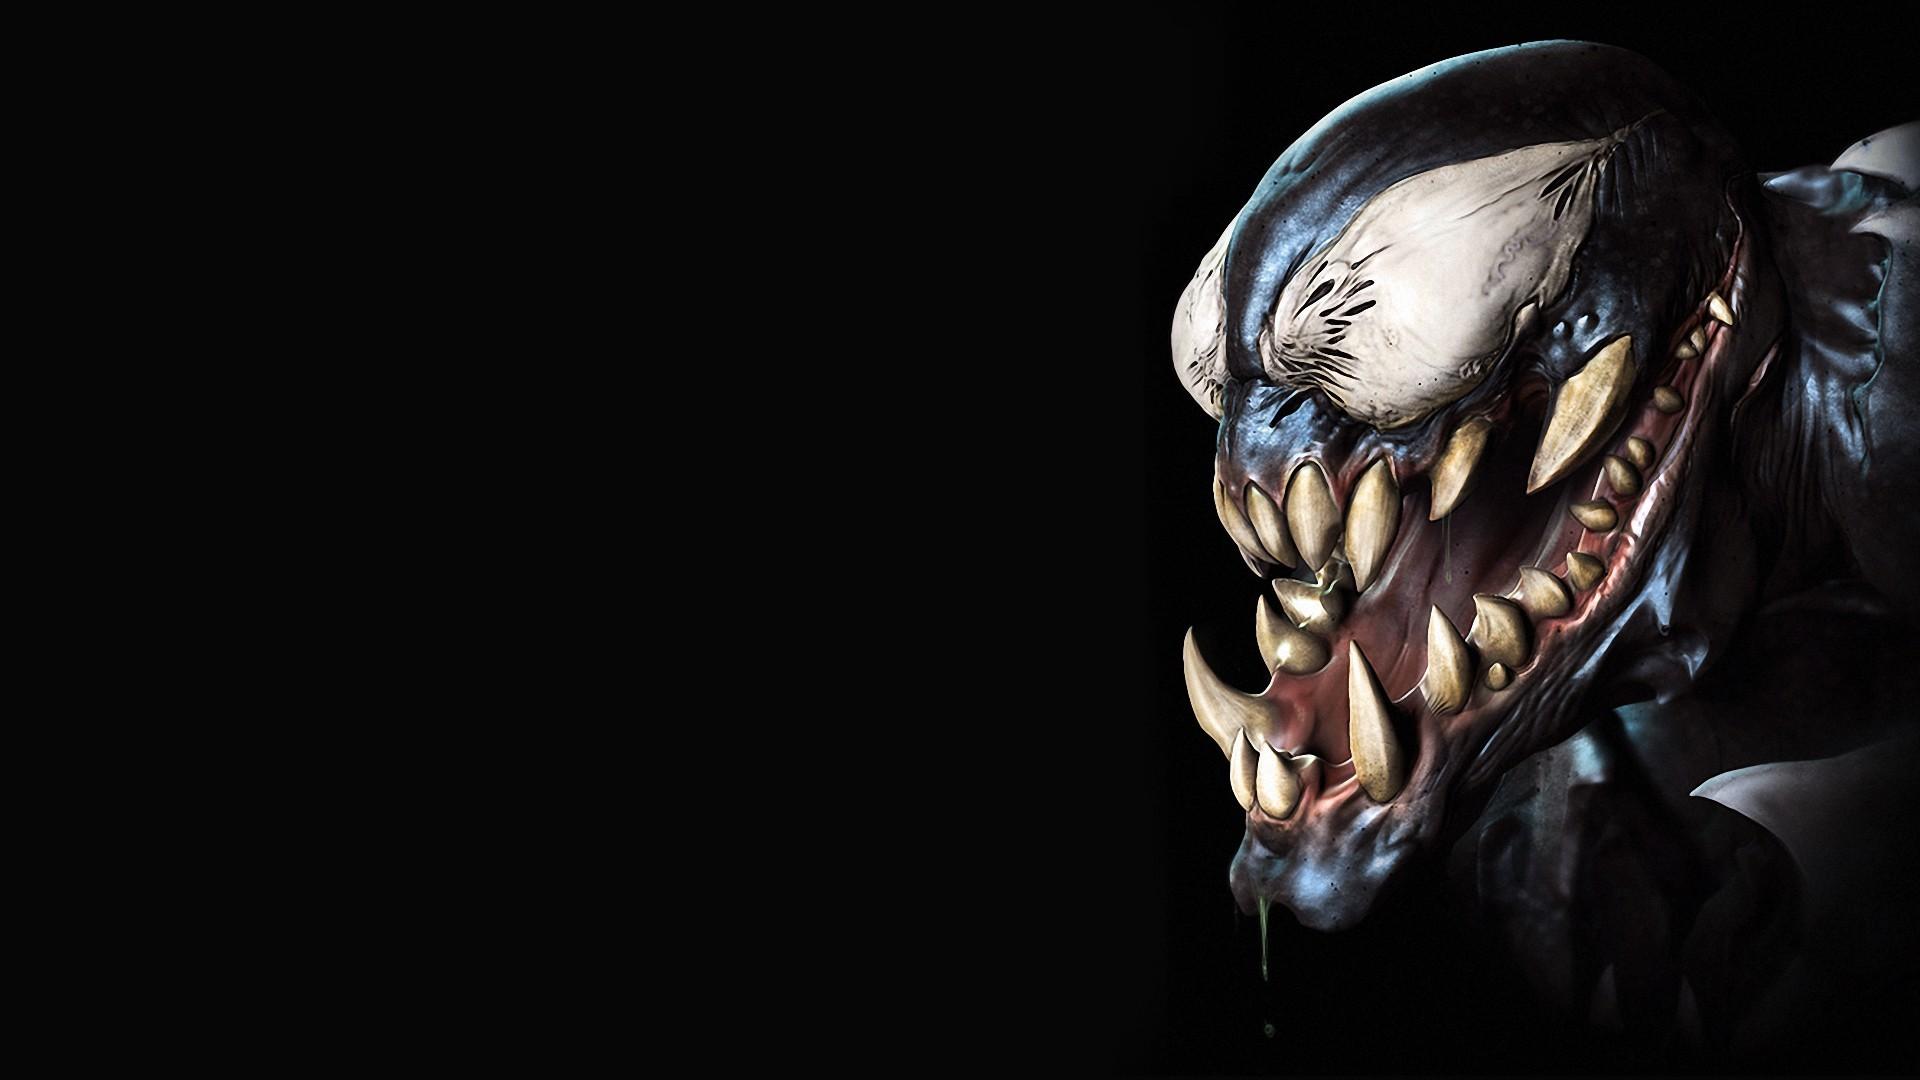 Venom Wallpaper Hd Venom artwork wallpaper